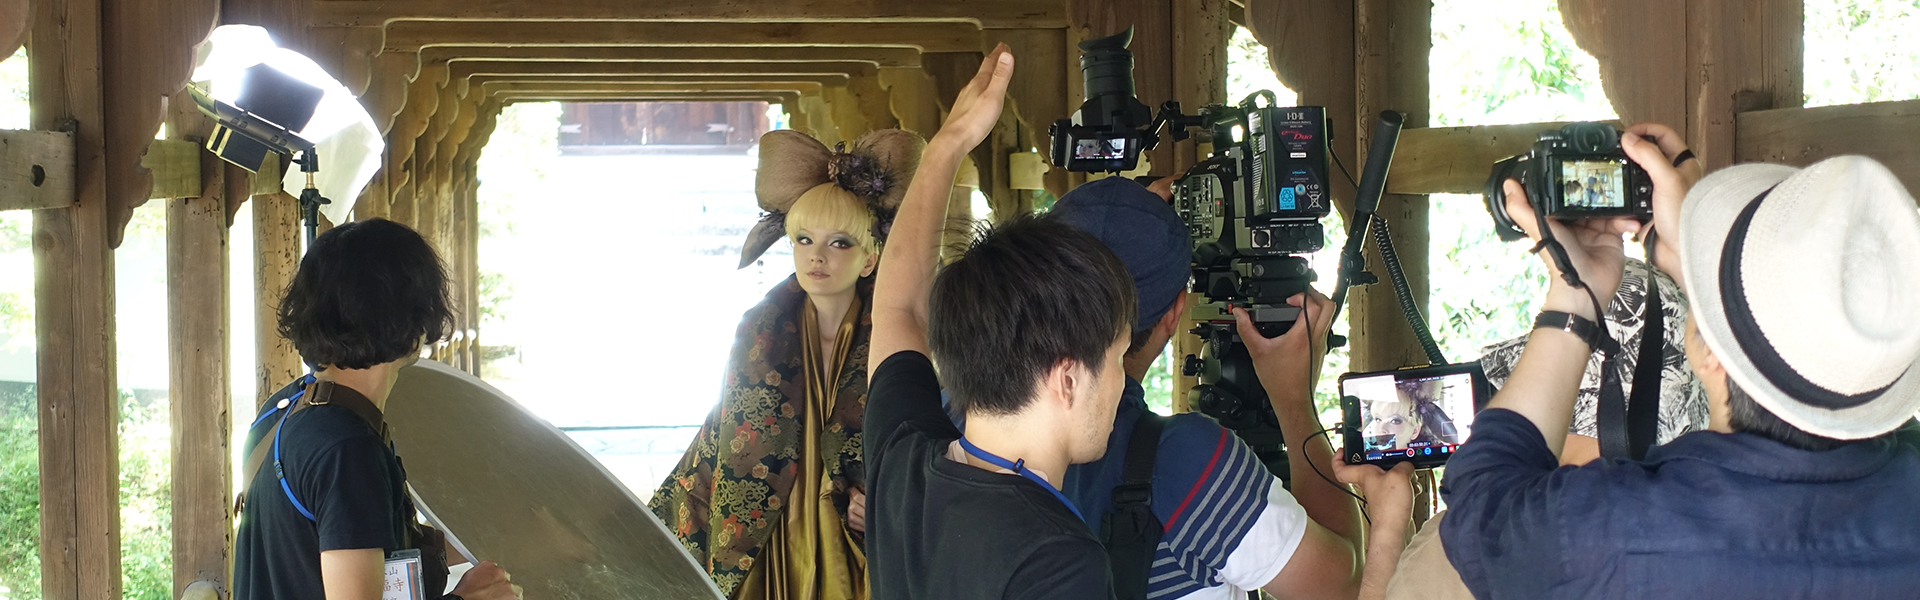 [사진] 교토 도코후지의 한 촬영장 세트에서 일본 전통 의상을 입은 여배우를 촬영하는 영화 제작진